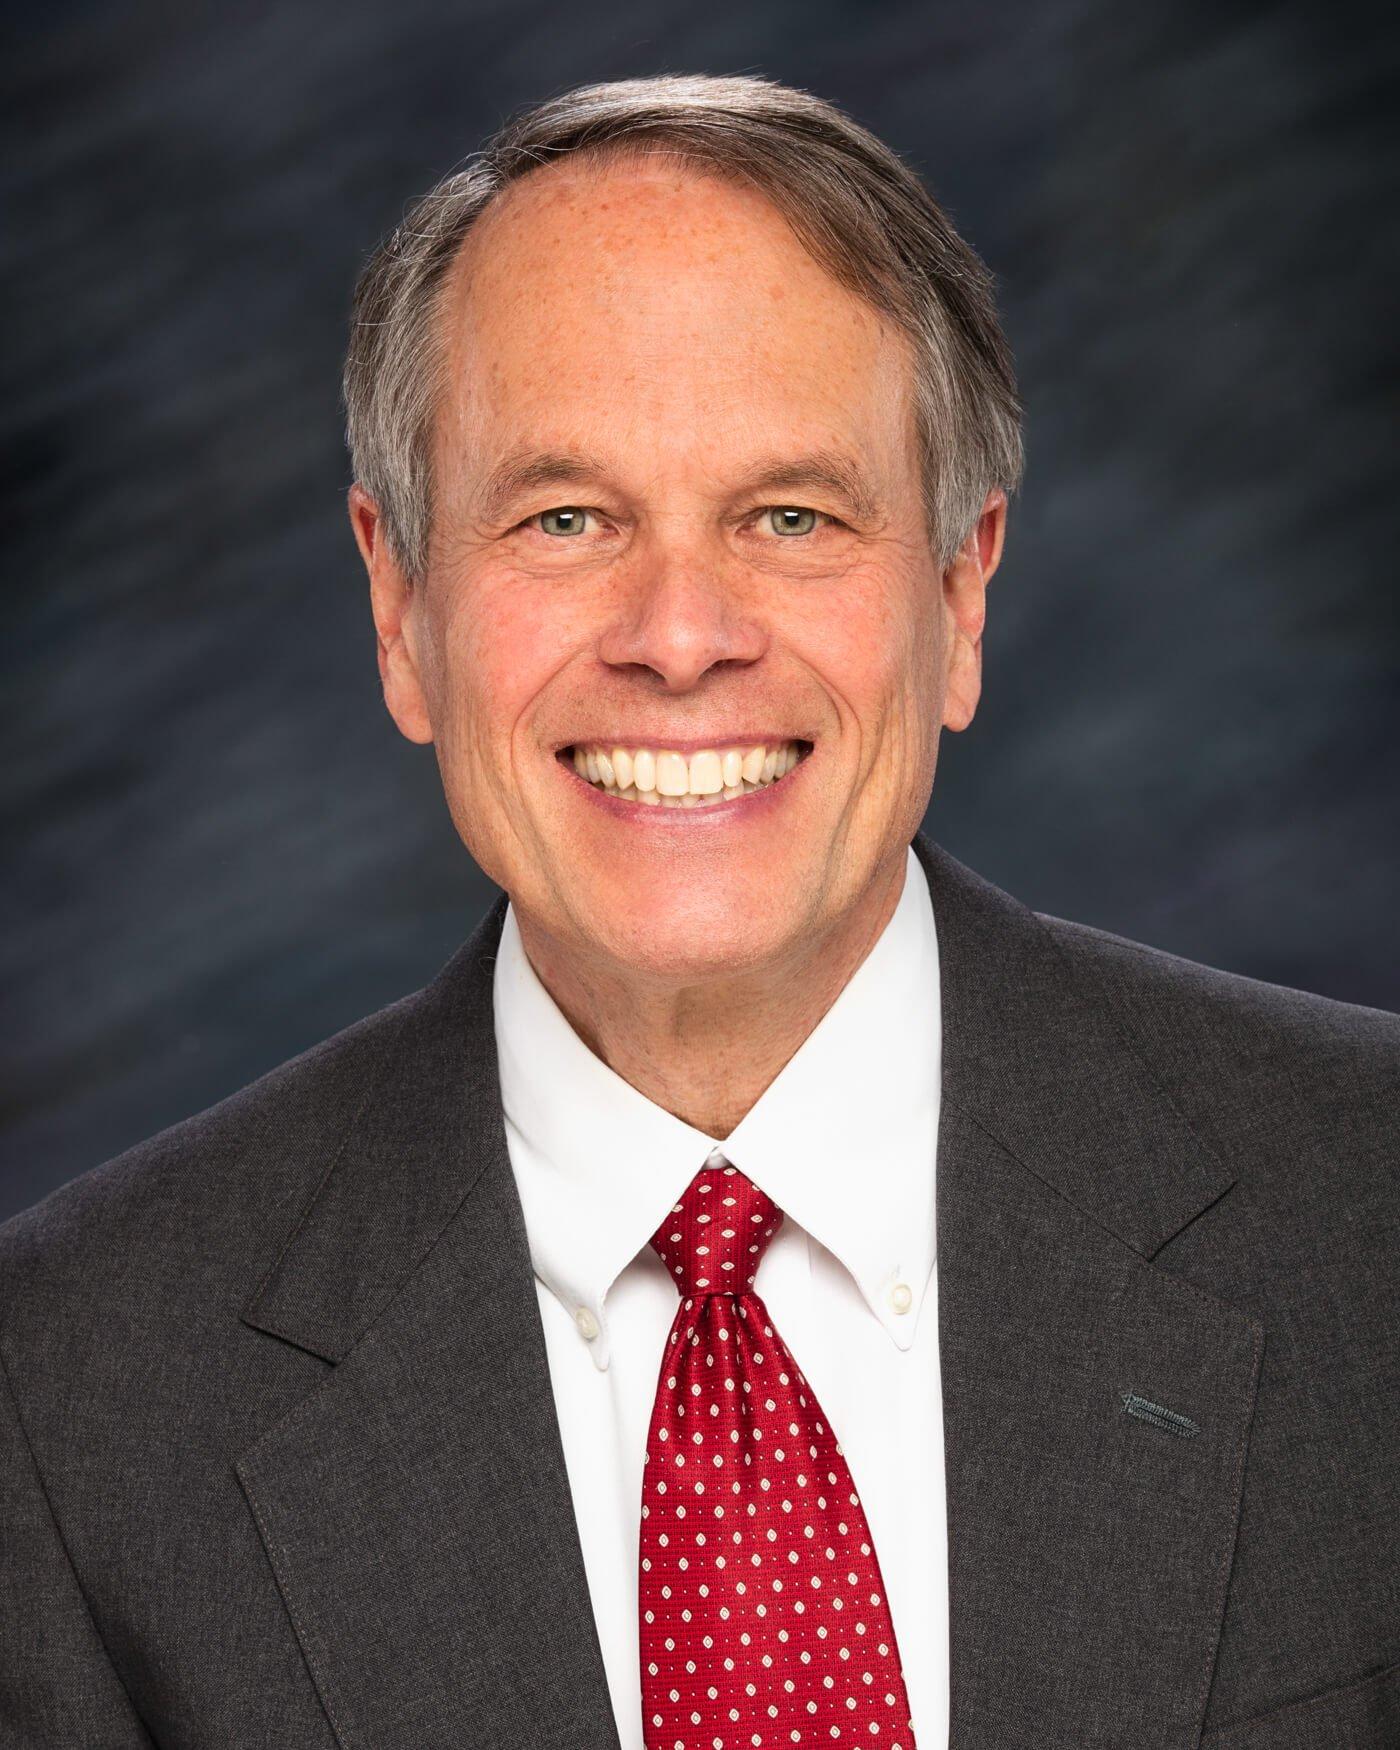 Mark L. Knutson